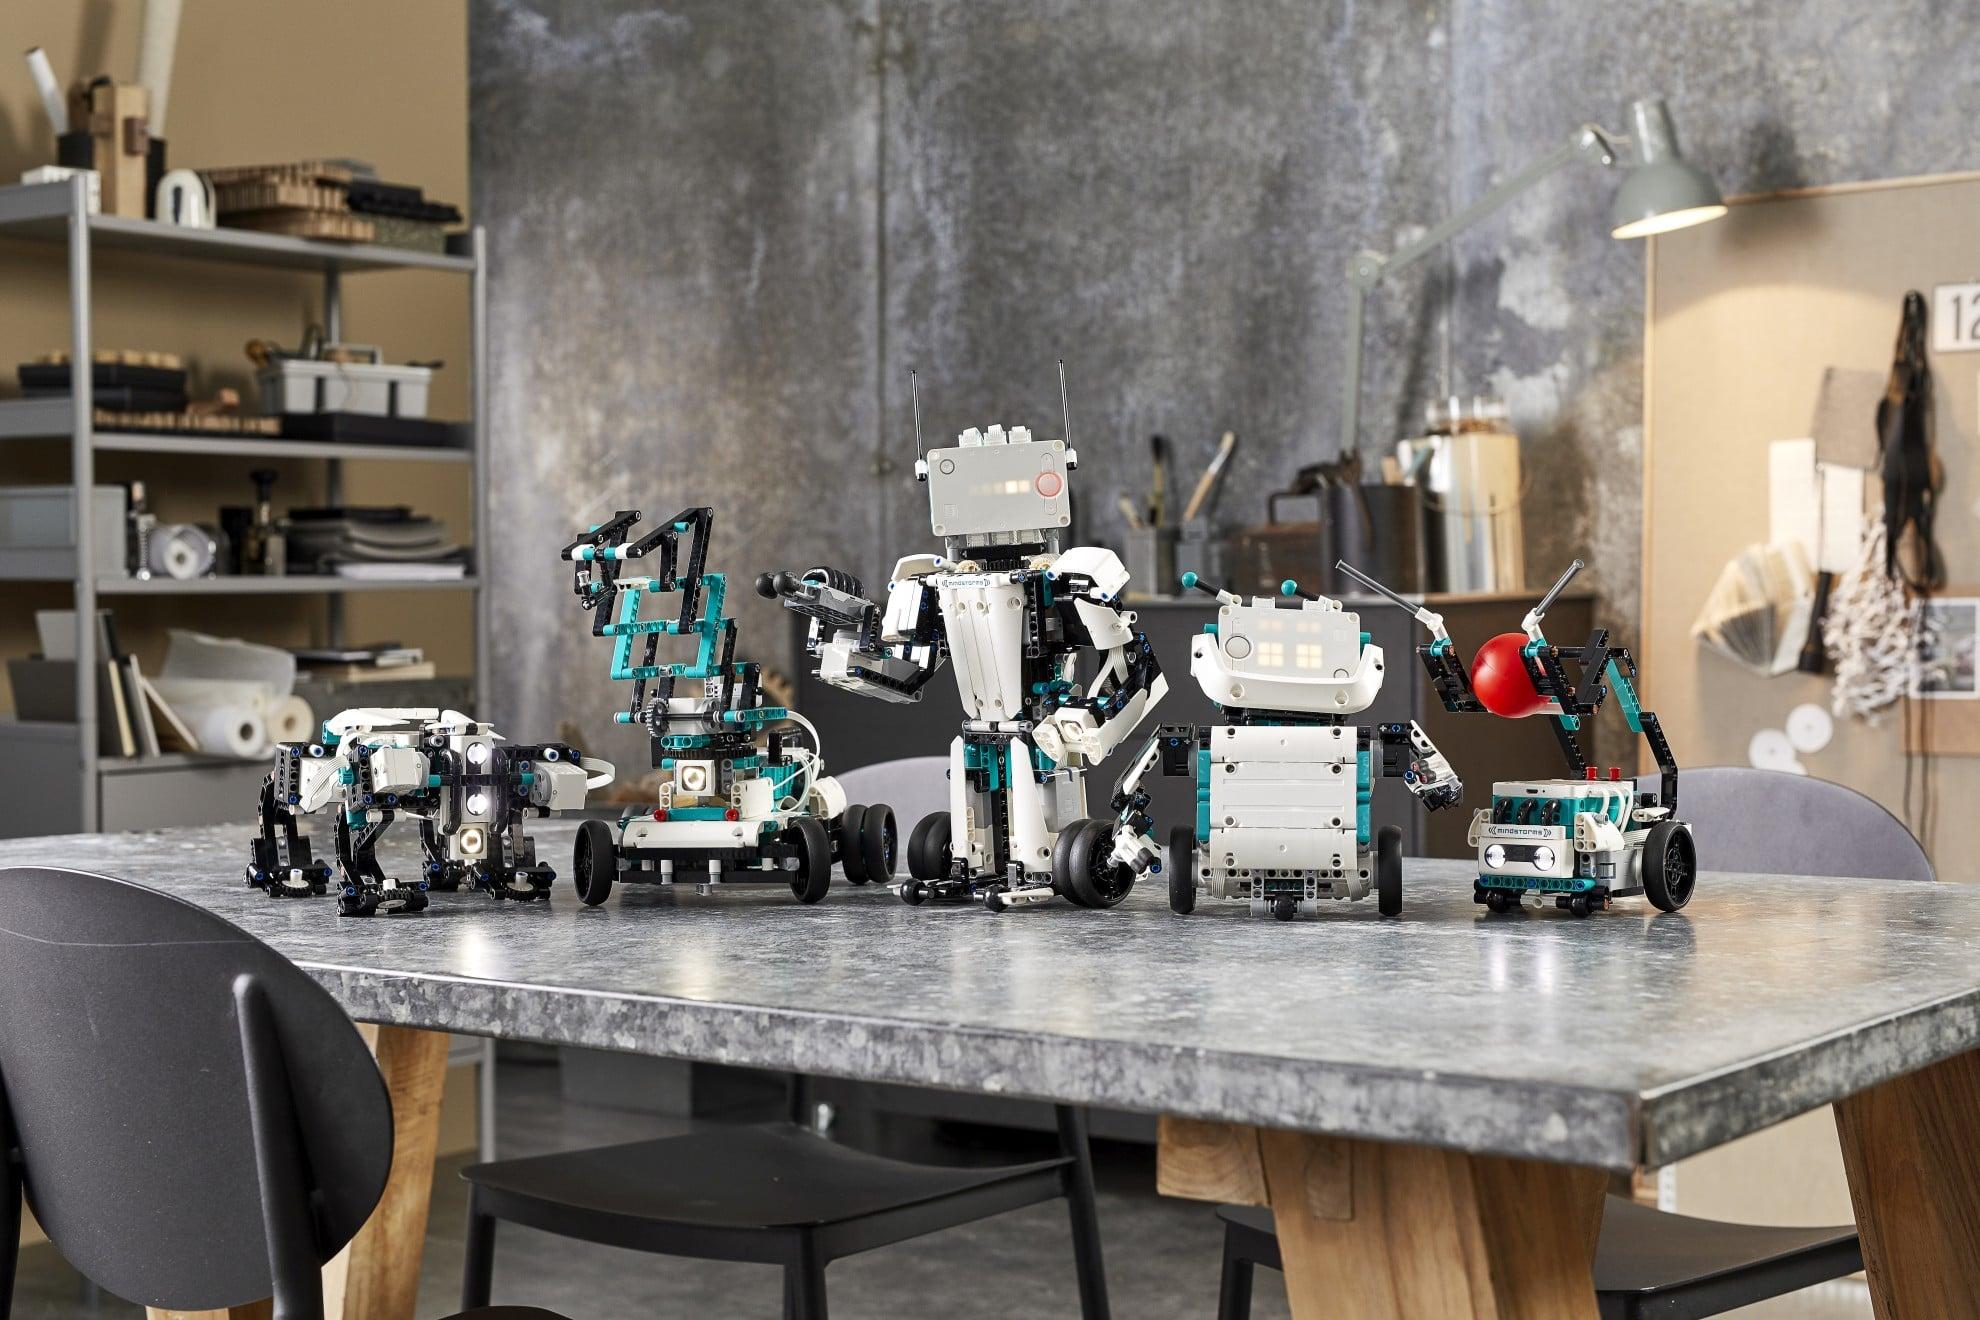 Baut euch eine Roboter-Armee - mit dem Mindstorms Robot Invention. (Foto: LEGO)